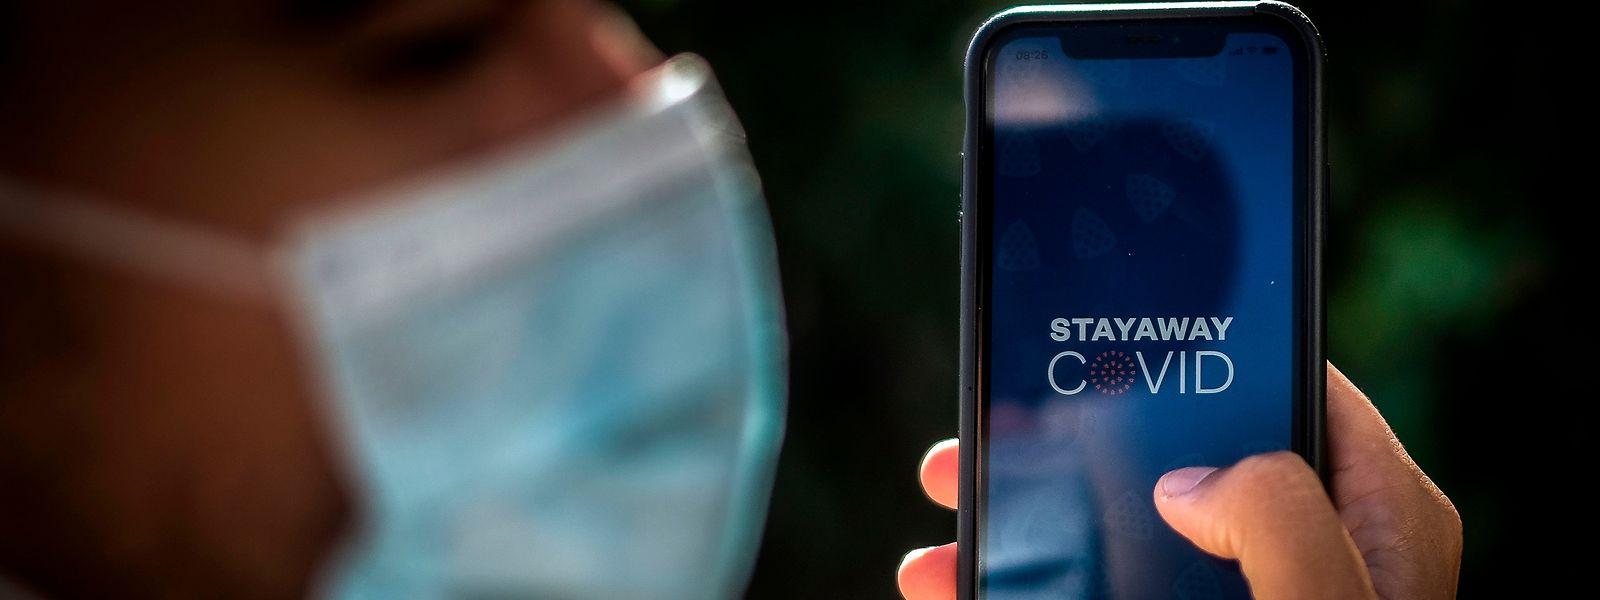 """Aplicação portuguesa """"Stayaway Covid"""" que está a gerar polémica em Portugal, deverá integrar plataforma europeia em novembro."""